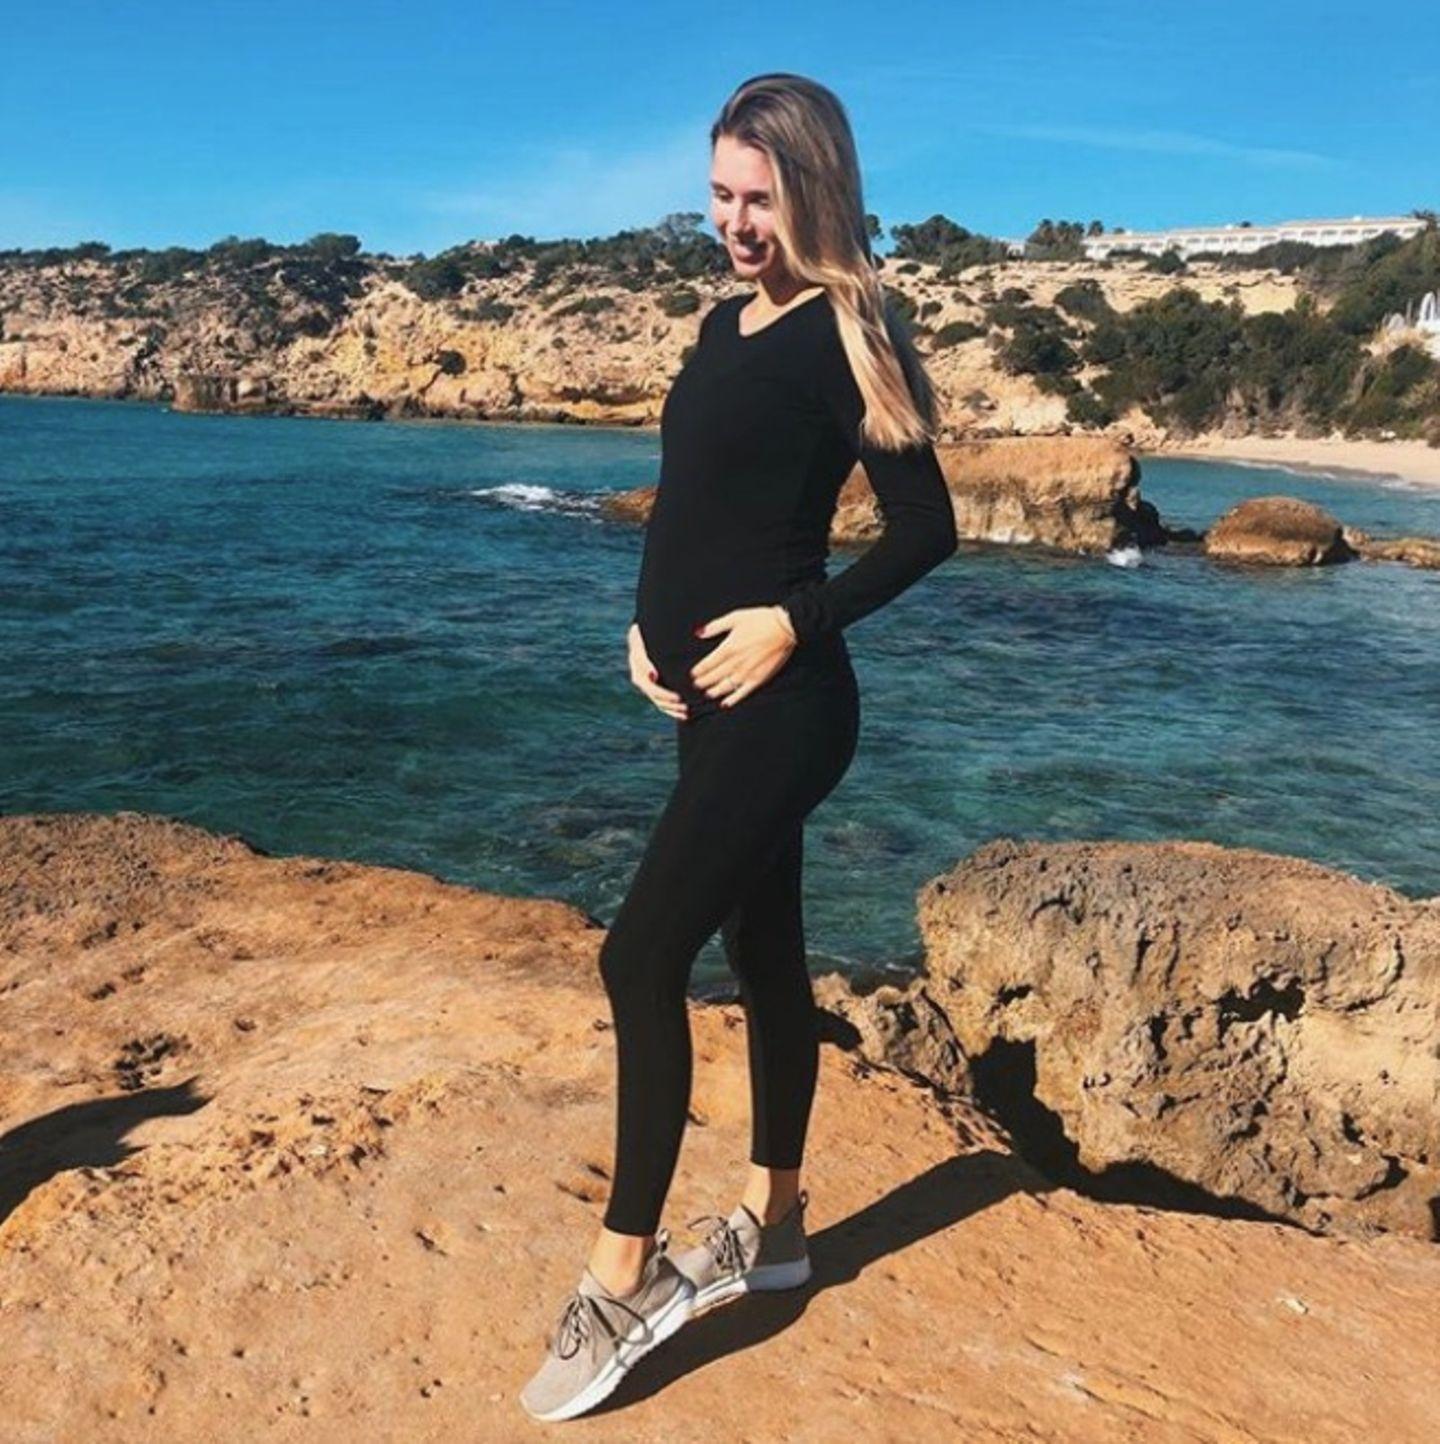 Scarlett Gartmann ist im Januar 2019 in ihrem achten Schwangerschaftsmonat angekommen. Mittlerweile sieht man ihren Babybauch ganz deutlich.